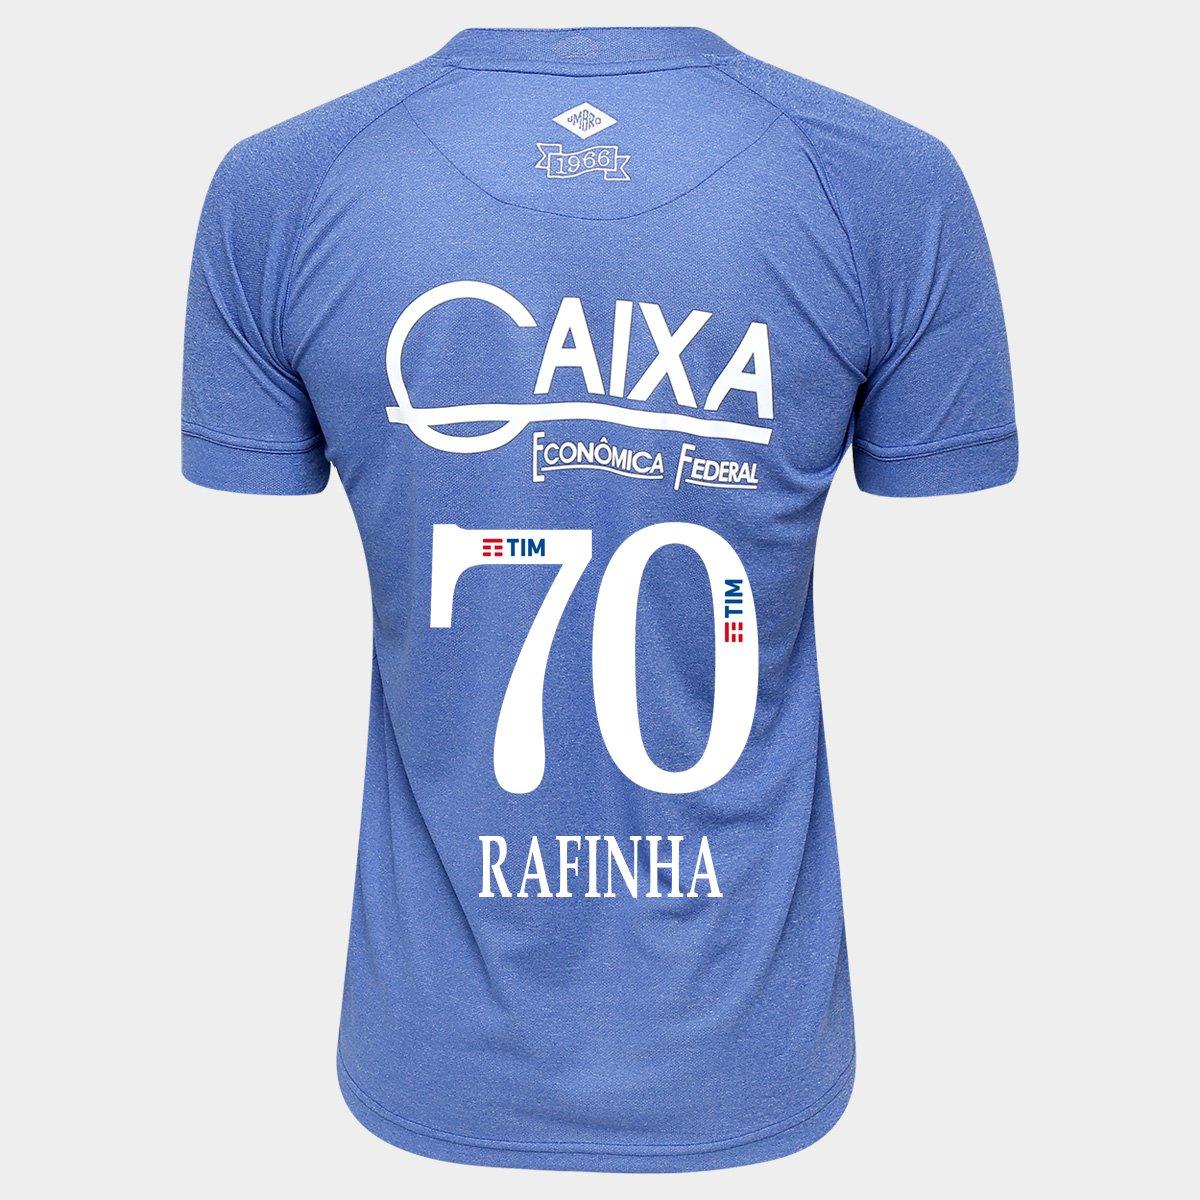 f60df34636 Camisa Umbro Cruzeiro III 2016 nº 70 - Rafinha - Compre Agora